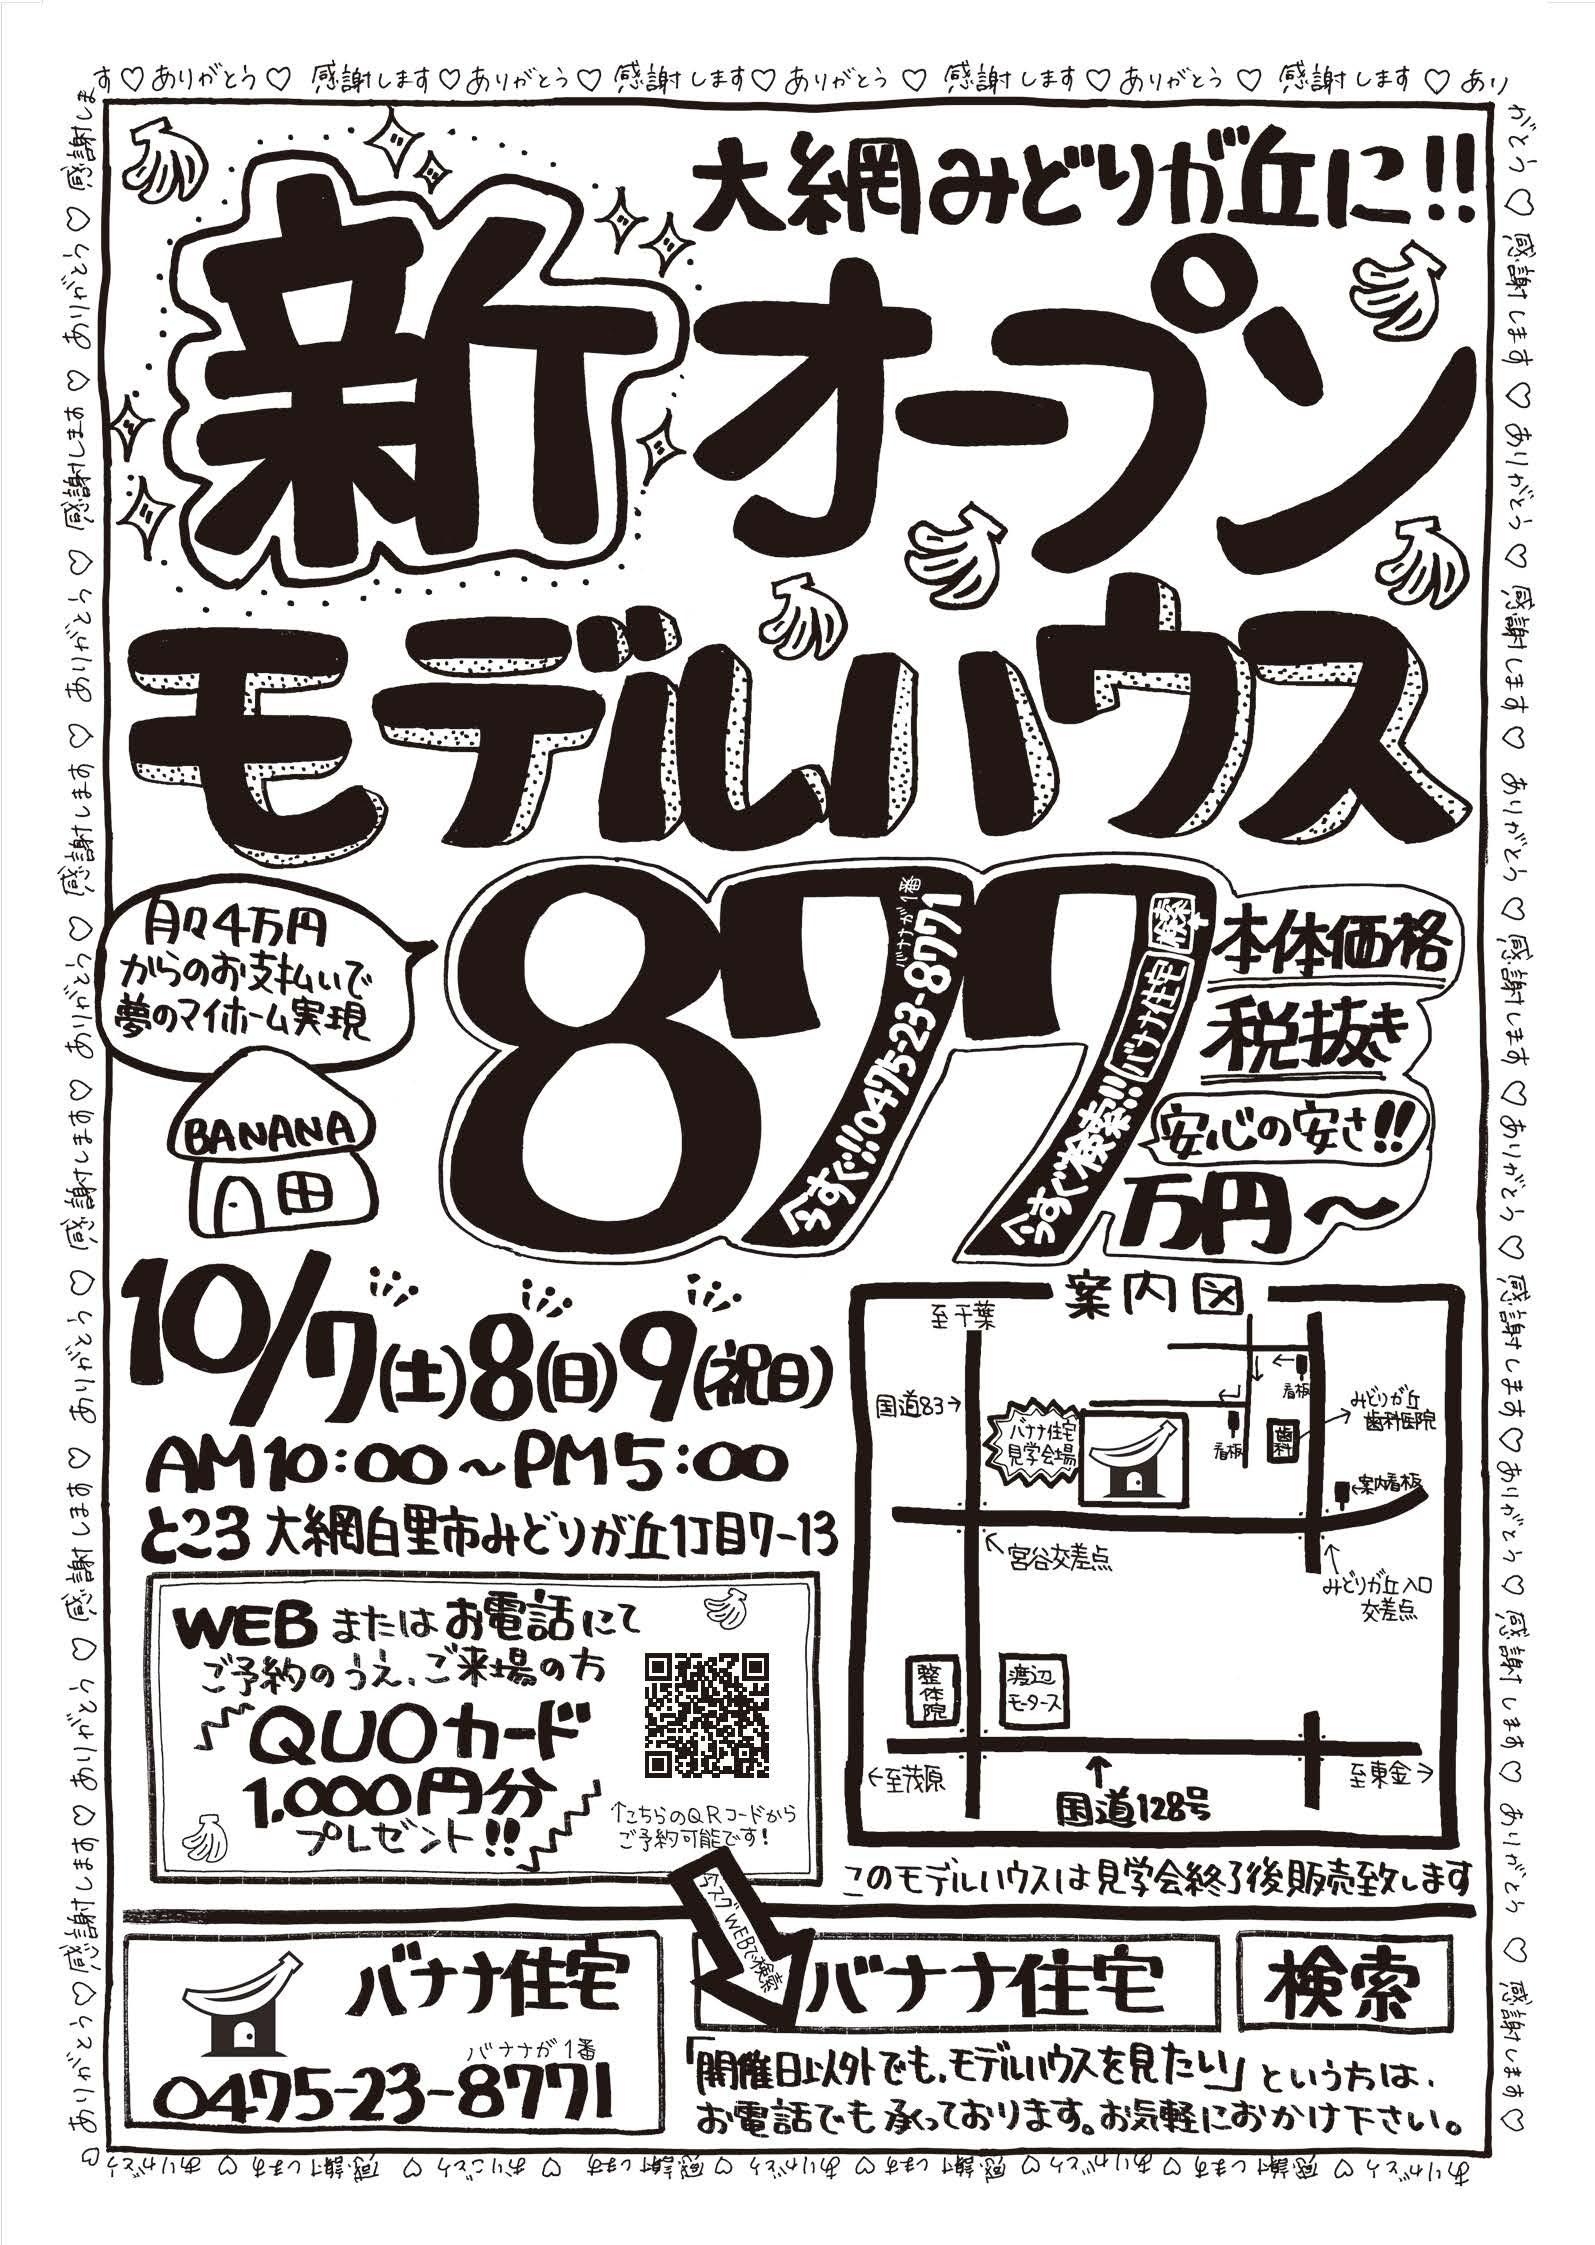 【大網白里】新モデルハウスオープン!